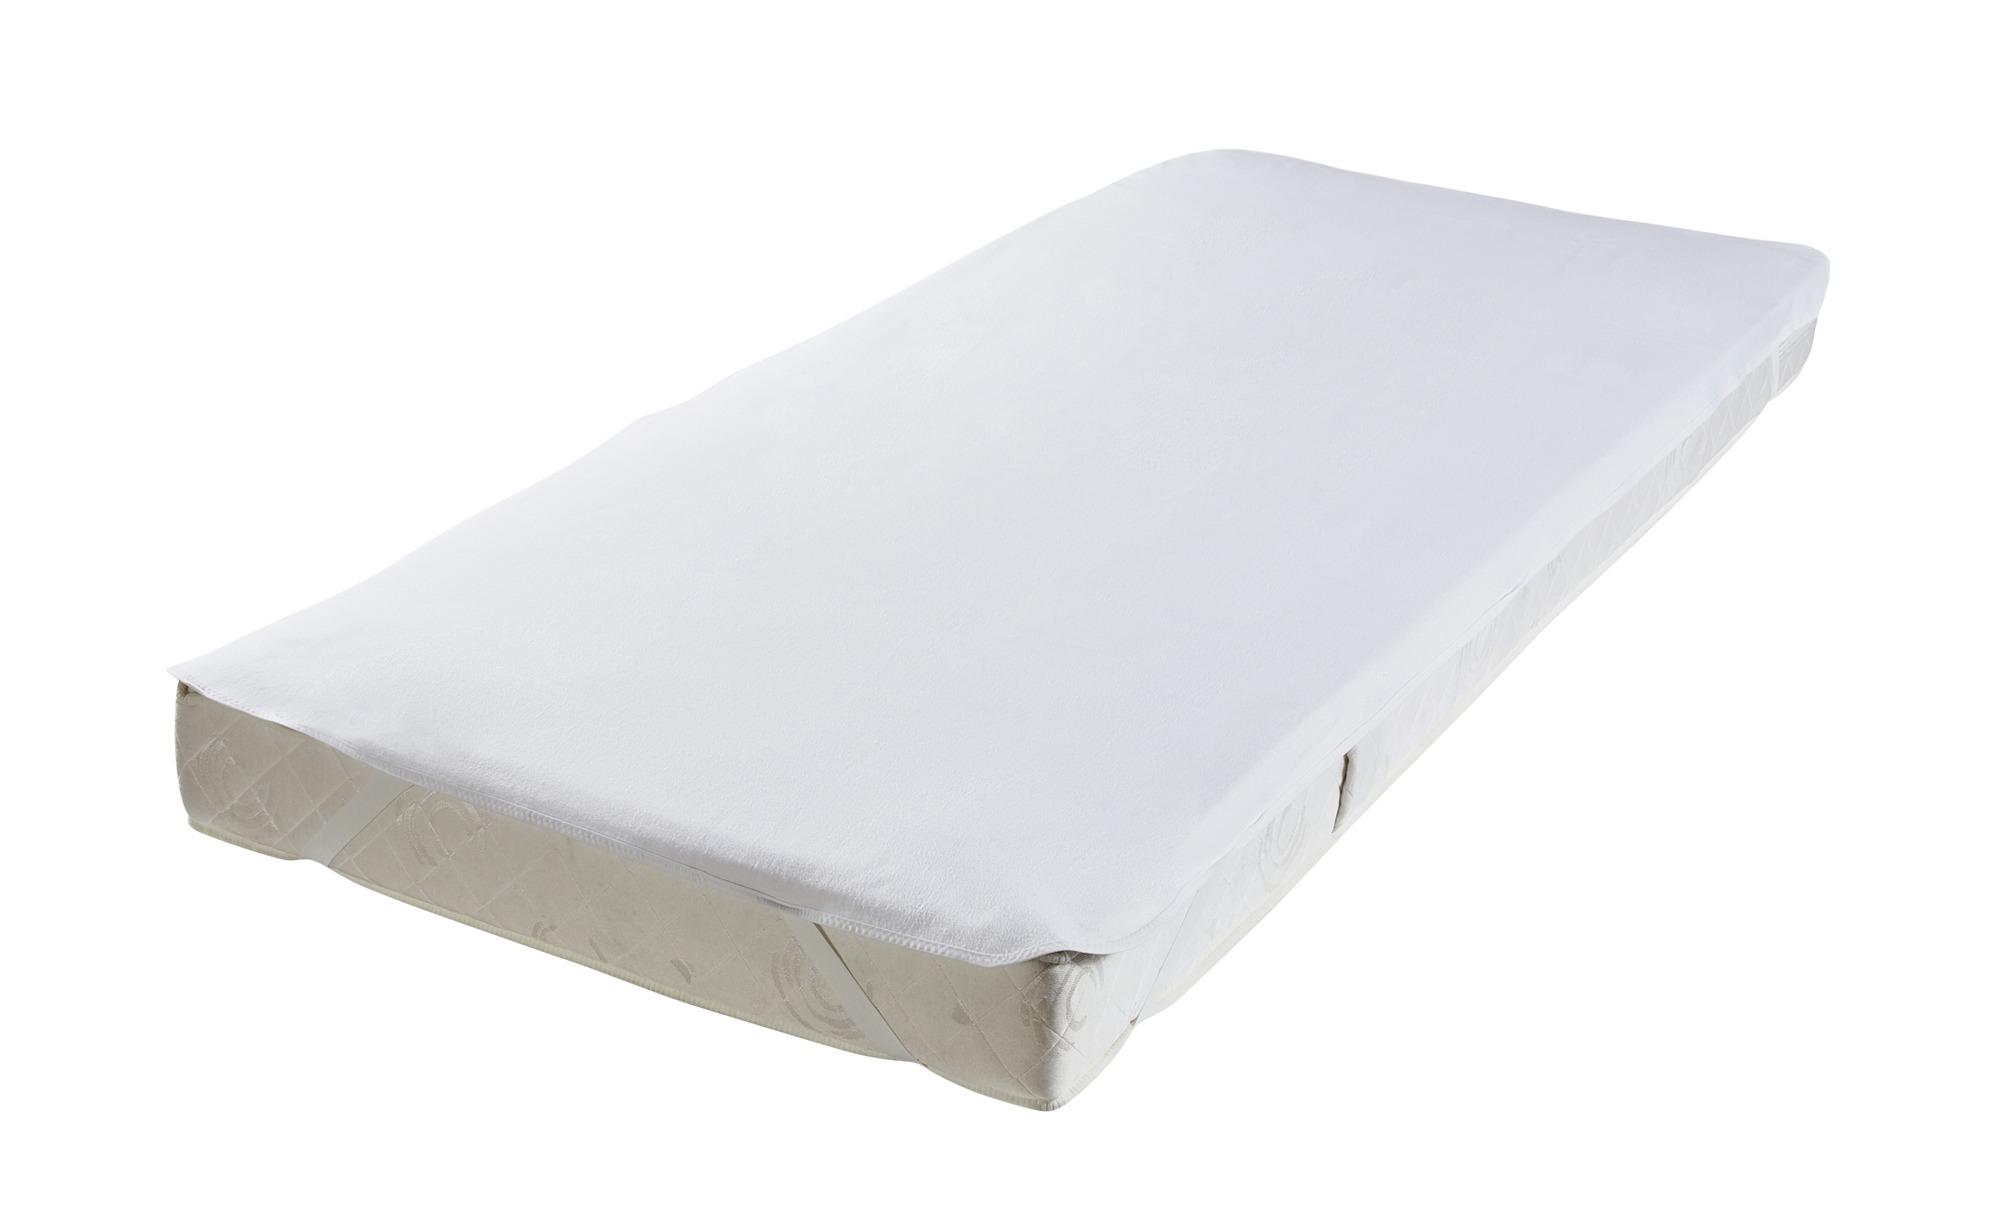 LAVIDA Molton-Matratzenauflage - weiß - 100% Baumwolle - 100 cm - Sconto